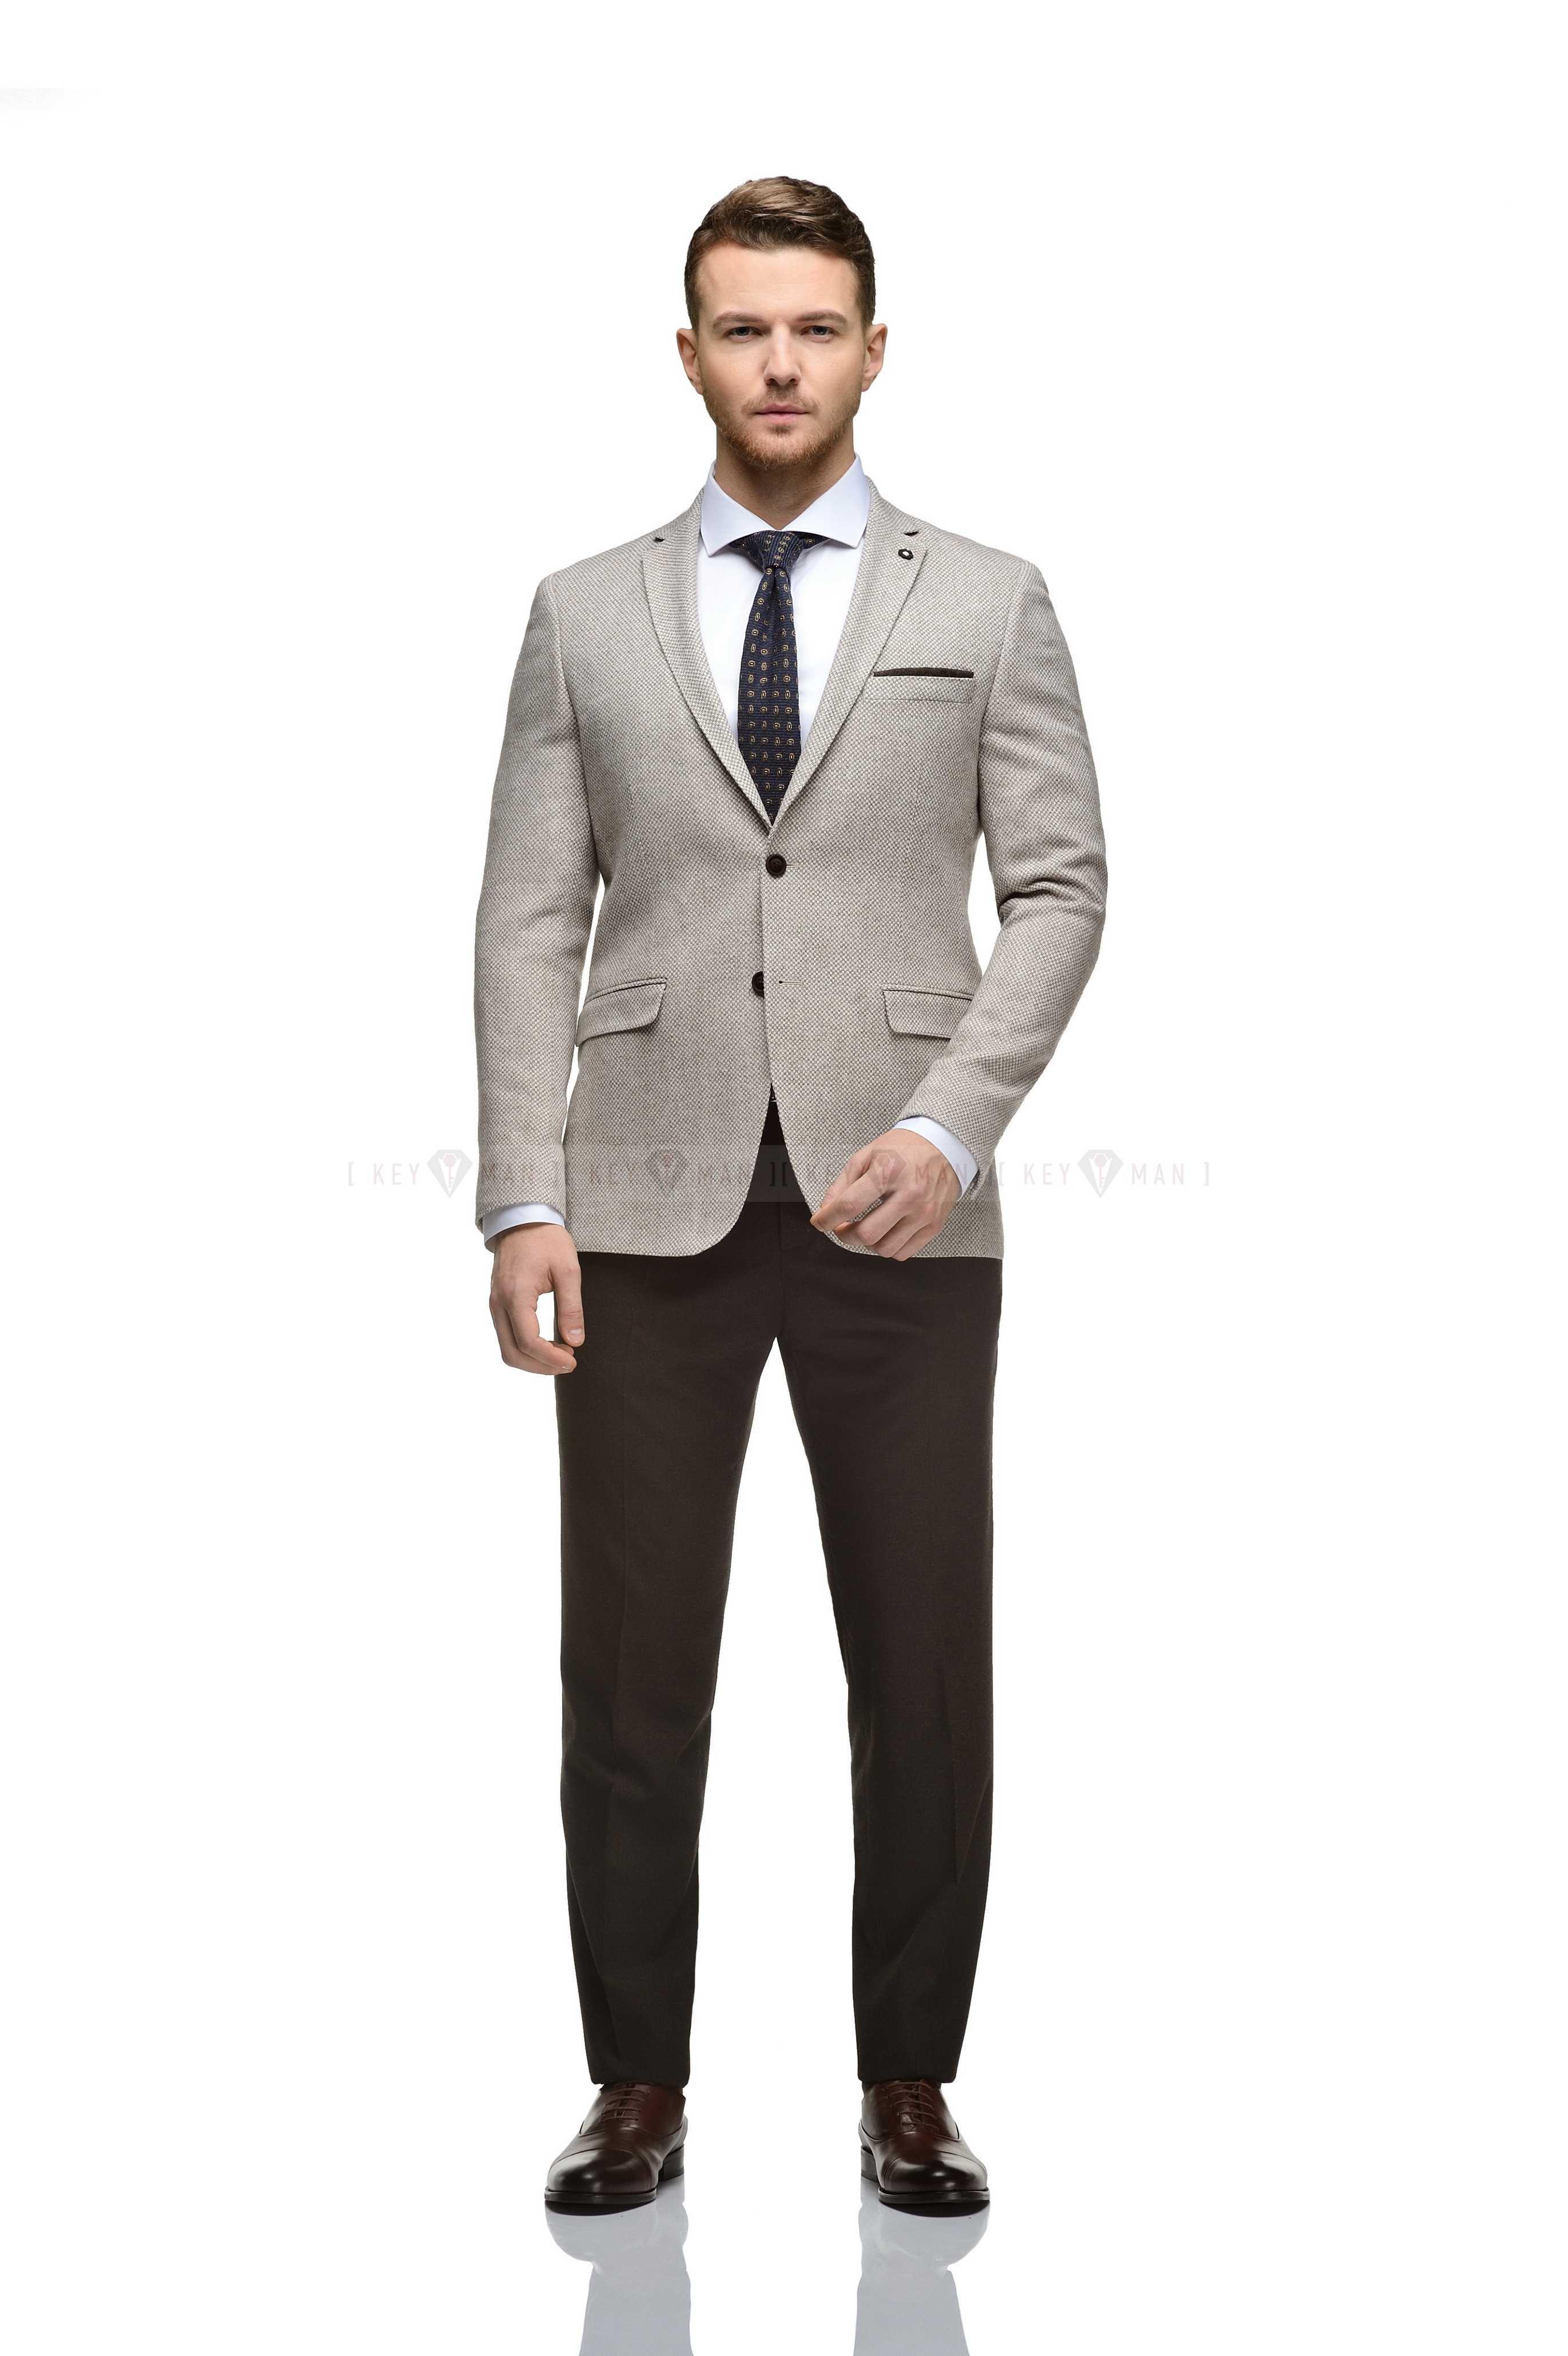 Пиджак мужской бежево-коричневый фактурный, плотная шерсть